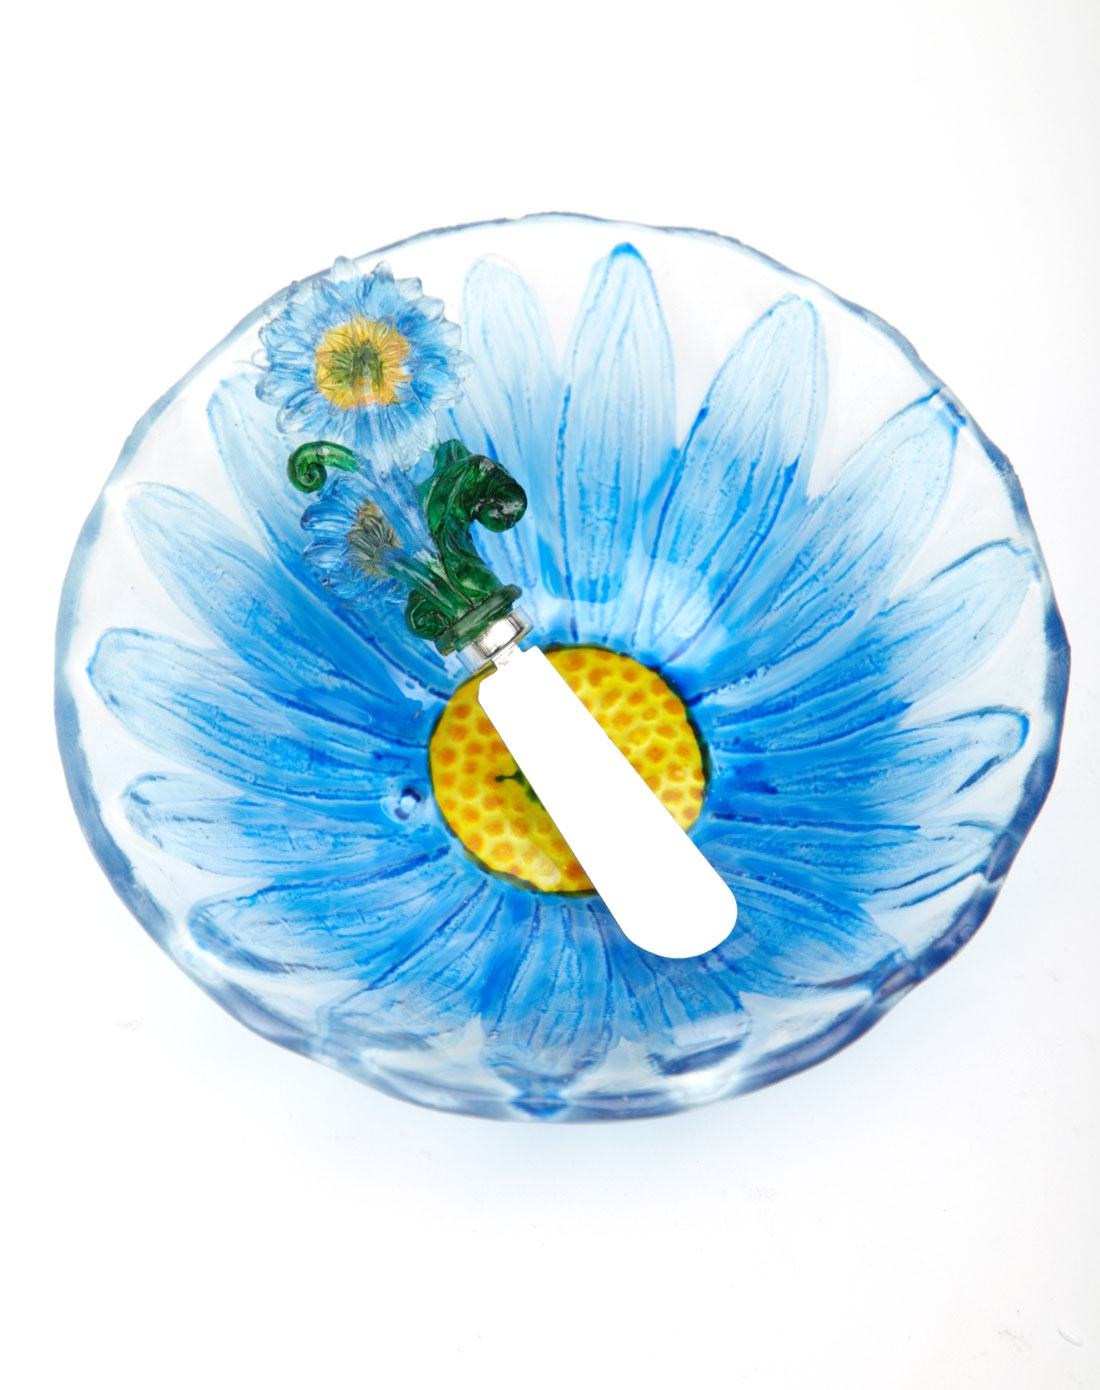 > 热熔手绘玻璃果盘 花型奶酪刀套装